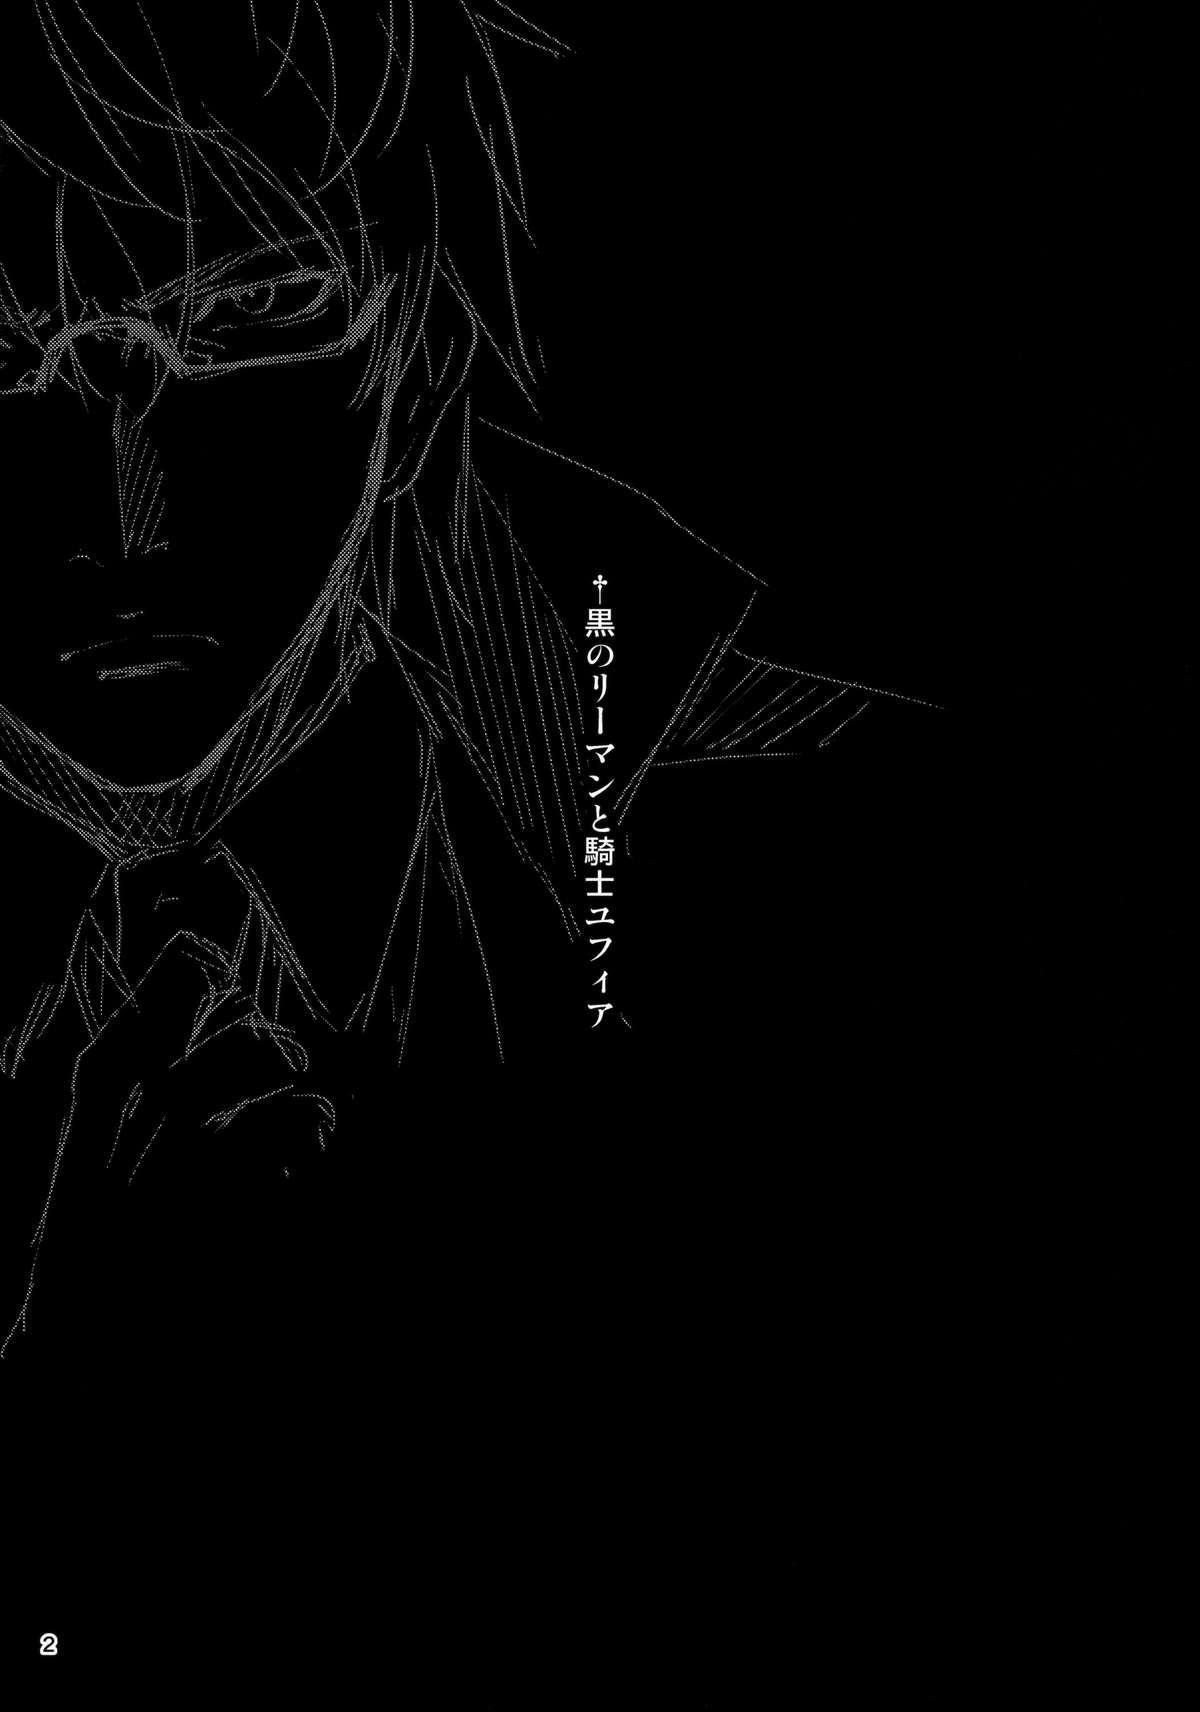 Kuro no Ryman to Kishi Yufia 2